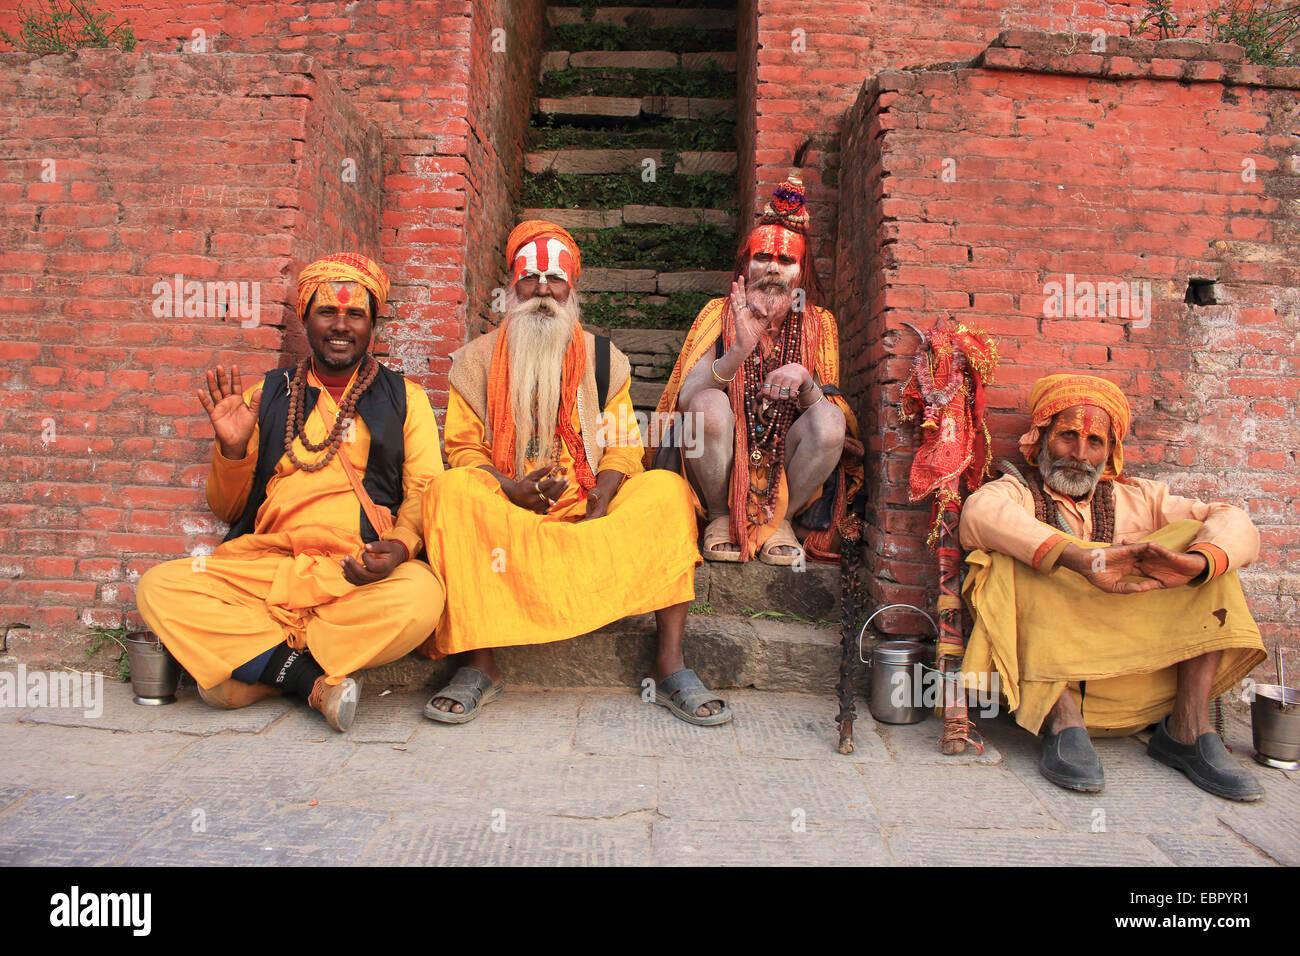 four sadhus sitting at a stair, Nepal, Kathmandu, Pashupatinath - Stock Image